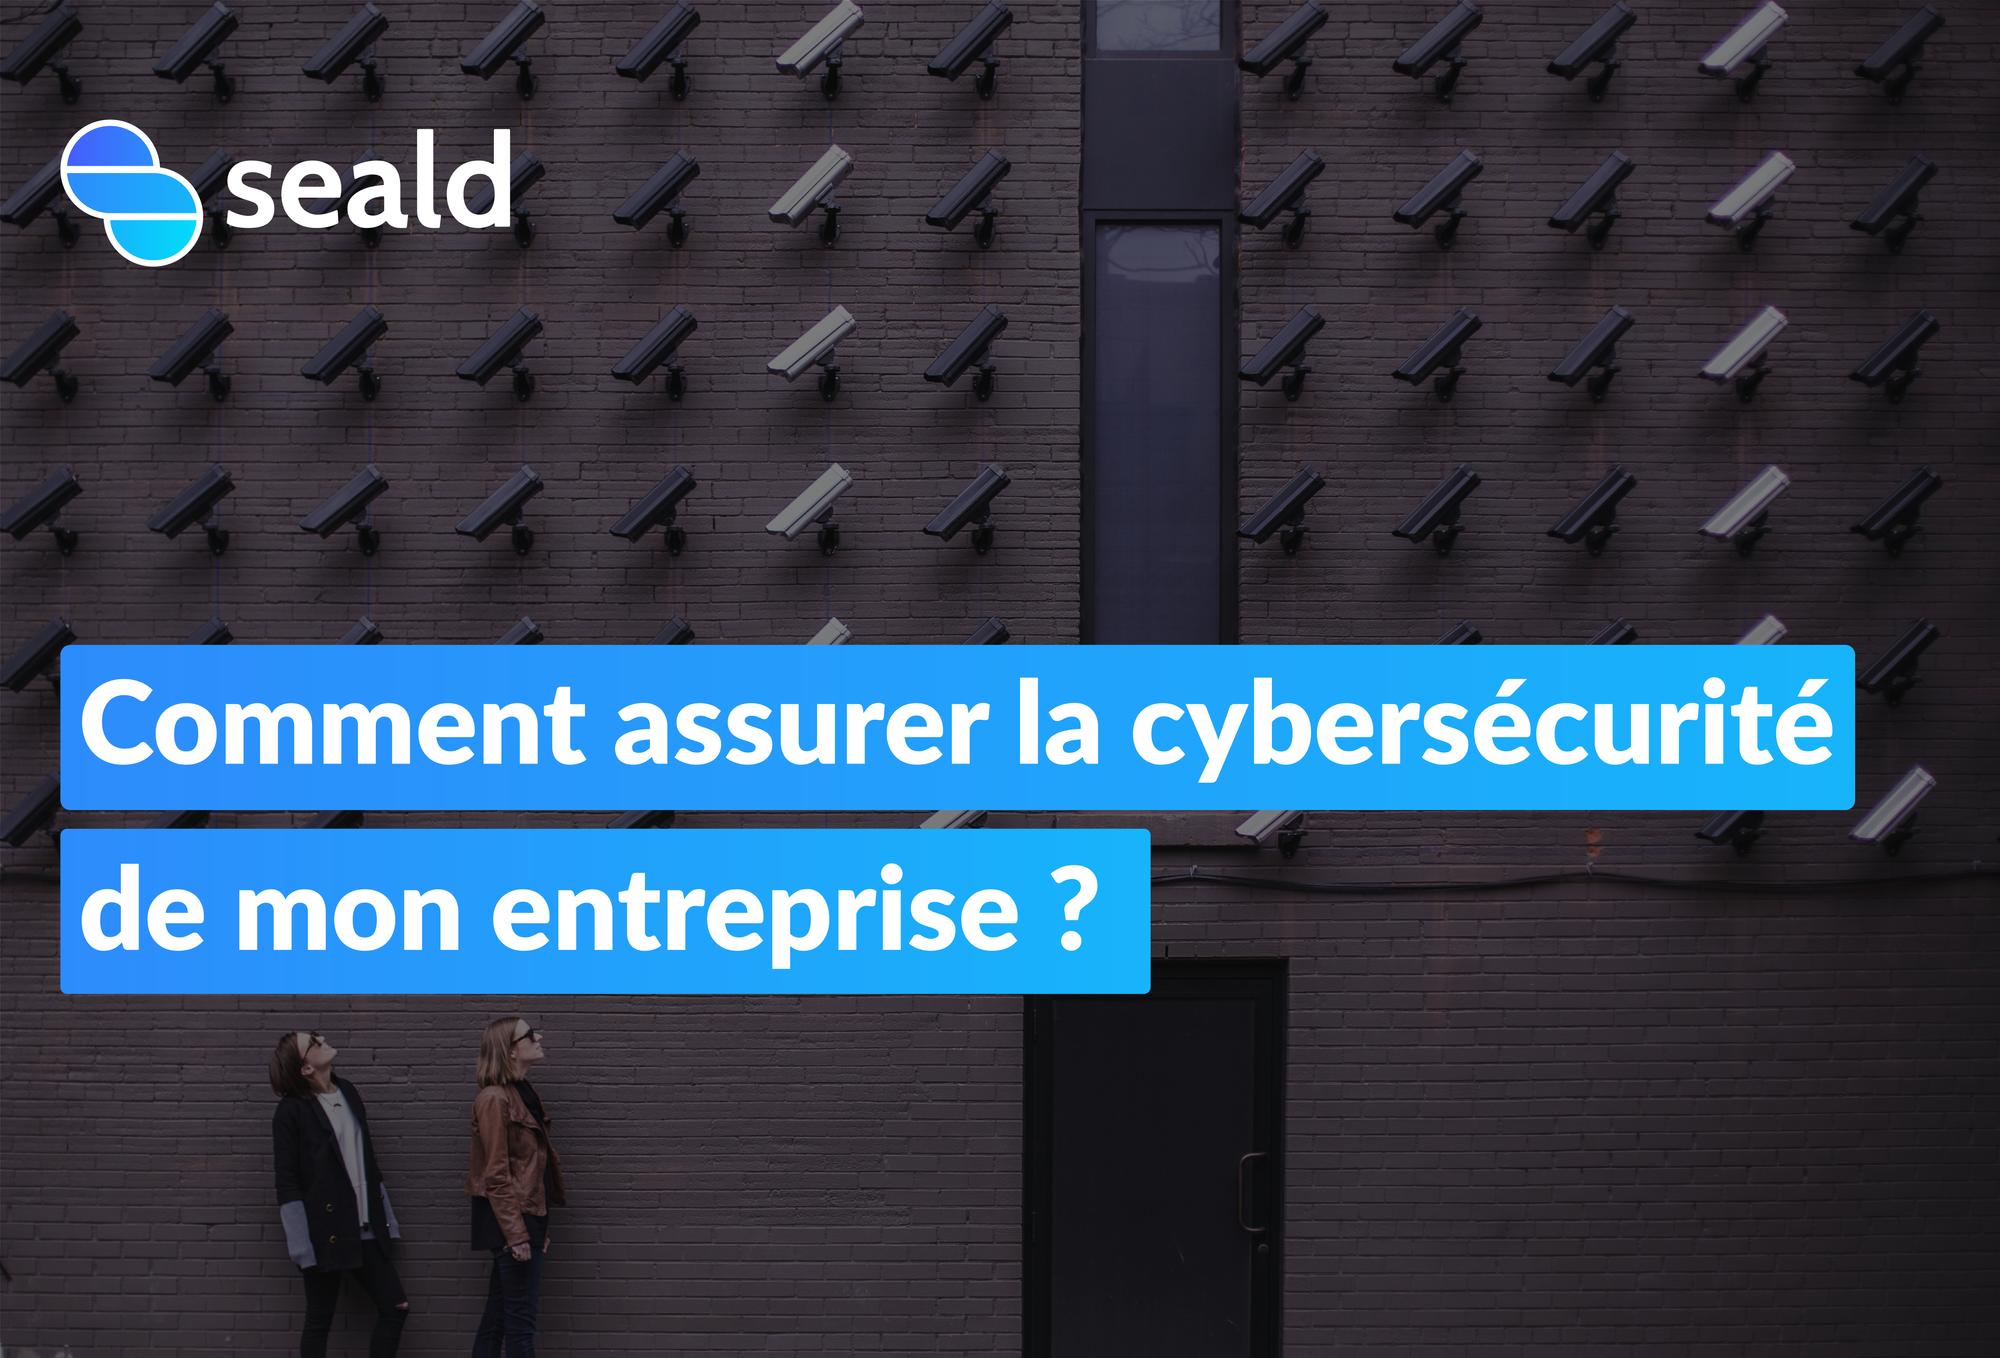 Comment assurer la cybersécurité de mon entreprise ?